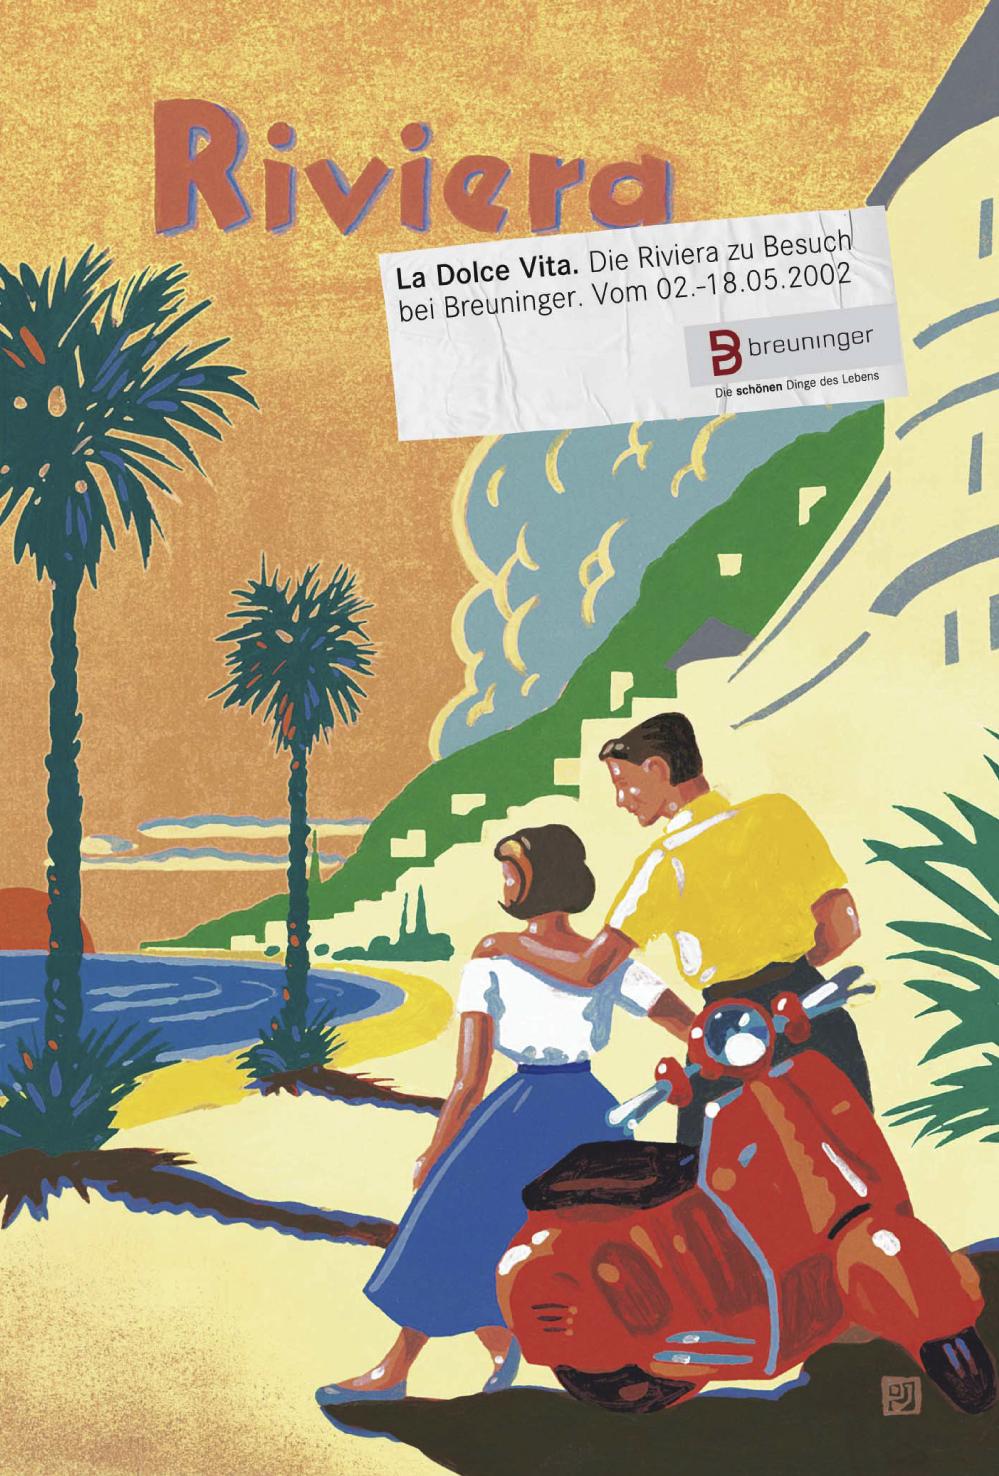 Breuninger Plakat 1 - La Dolce Vita - Die Riviera zu Besuch bei Breuninger. Vom 02.-18.05.2002